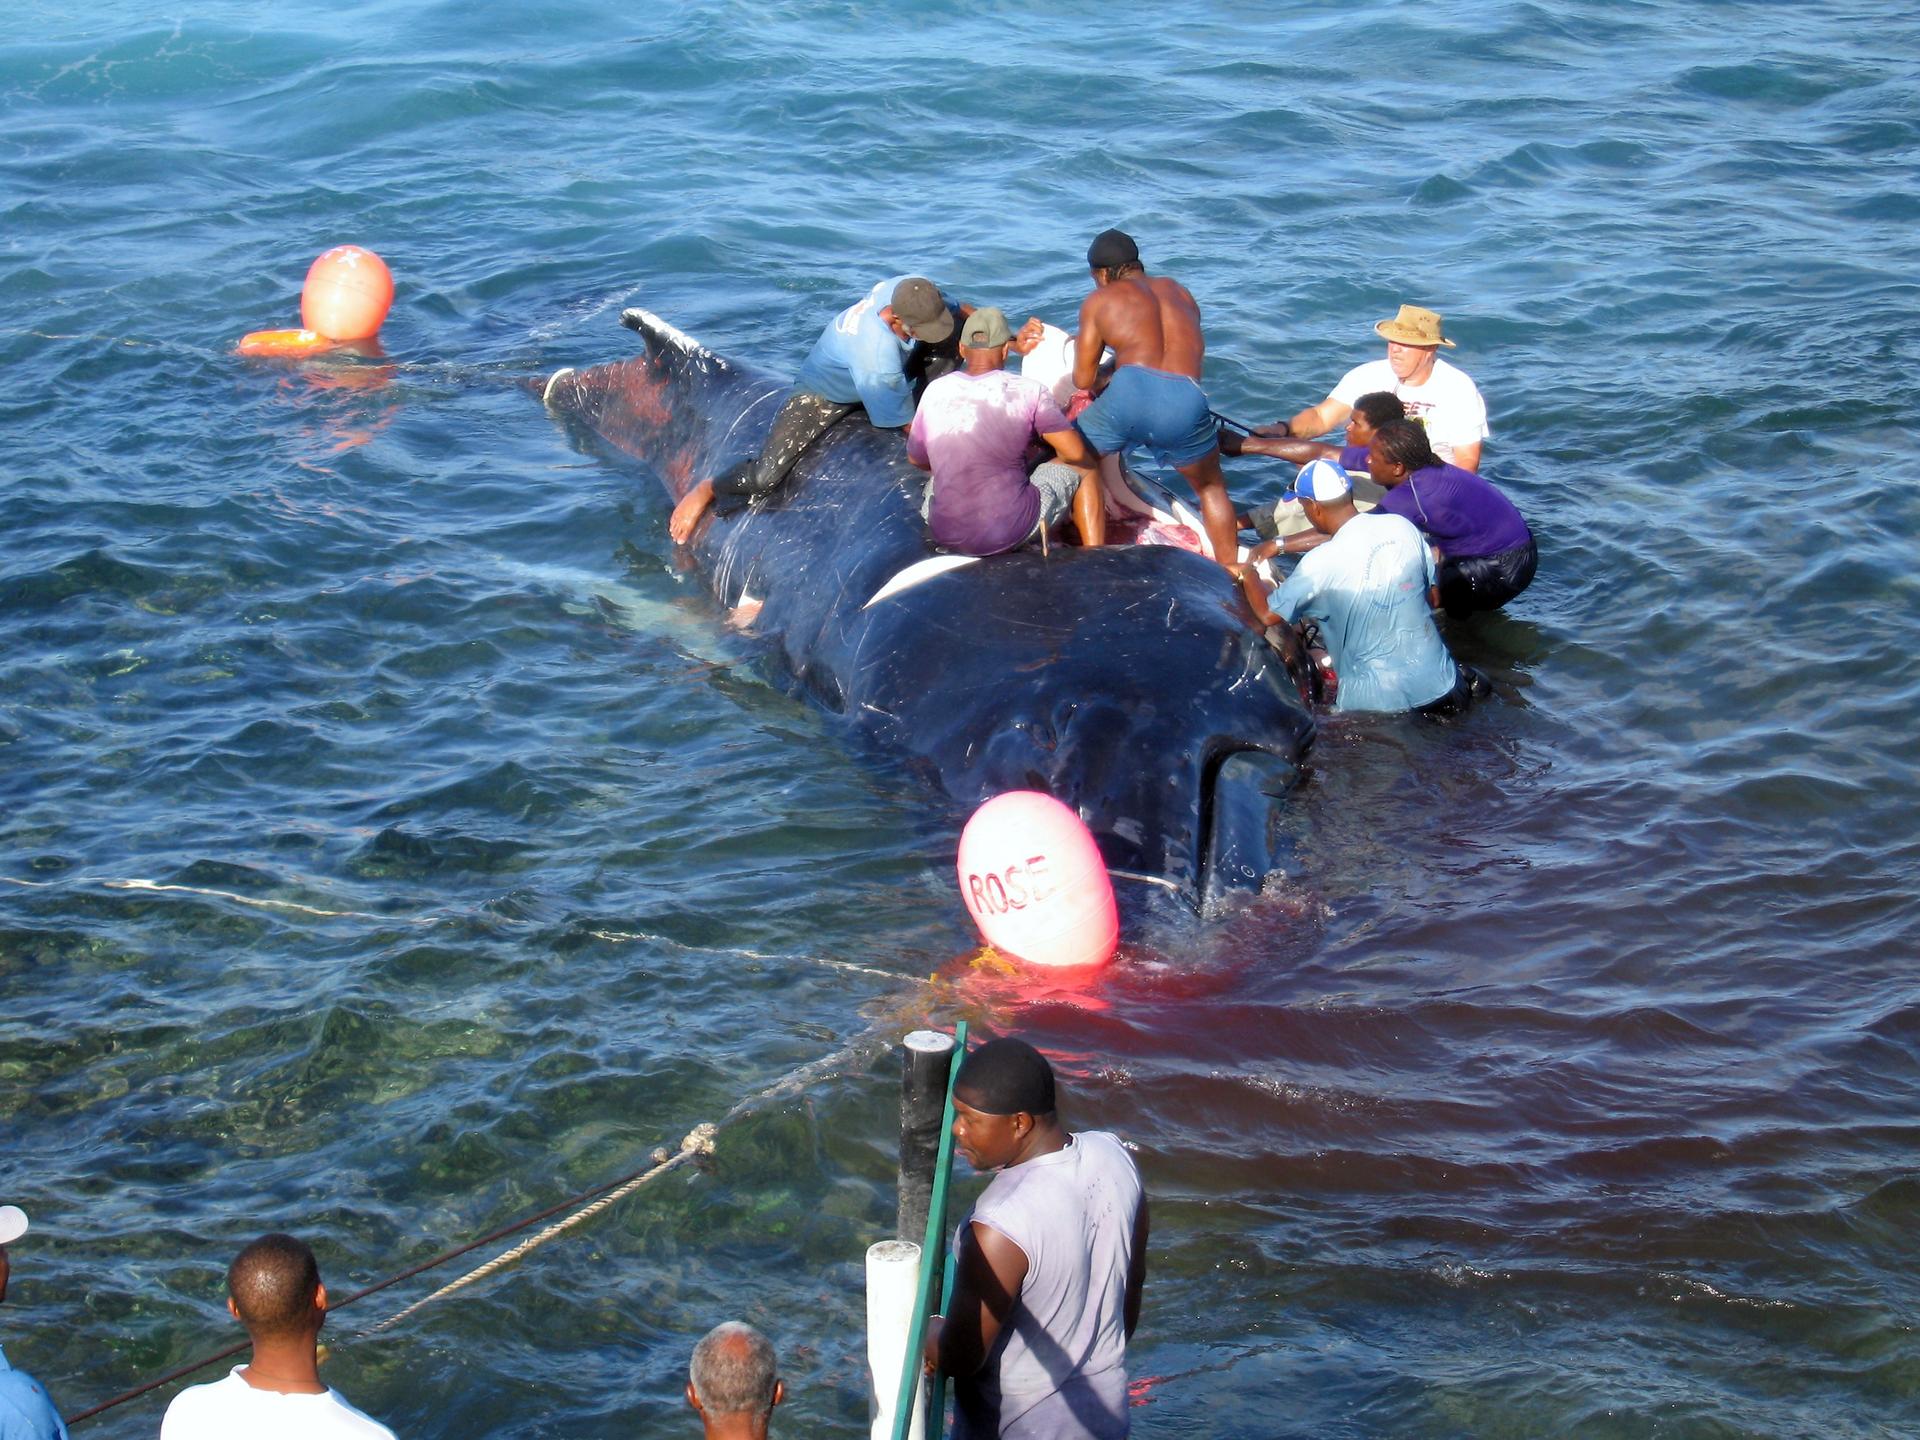 Fotografia prezentuje grupę mężczyzn wokół zabitego wieloryba leżącego wpłytkiej wodzie. Ciało zwierzęcia jest zanurzone, nad powierzchnię wody wystaje tylko jego grzbiet. Woda wokół wieloryba jest zabarwiona na czerwono od krwi zwierzęcia.